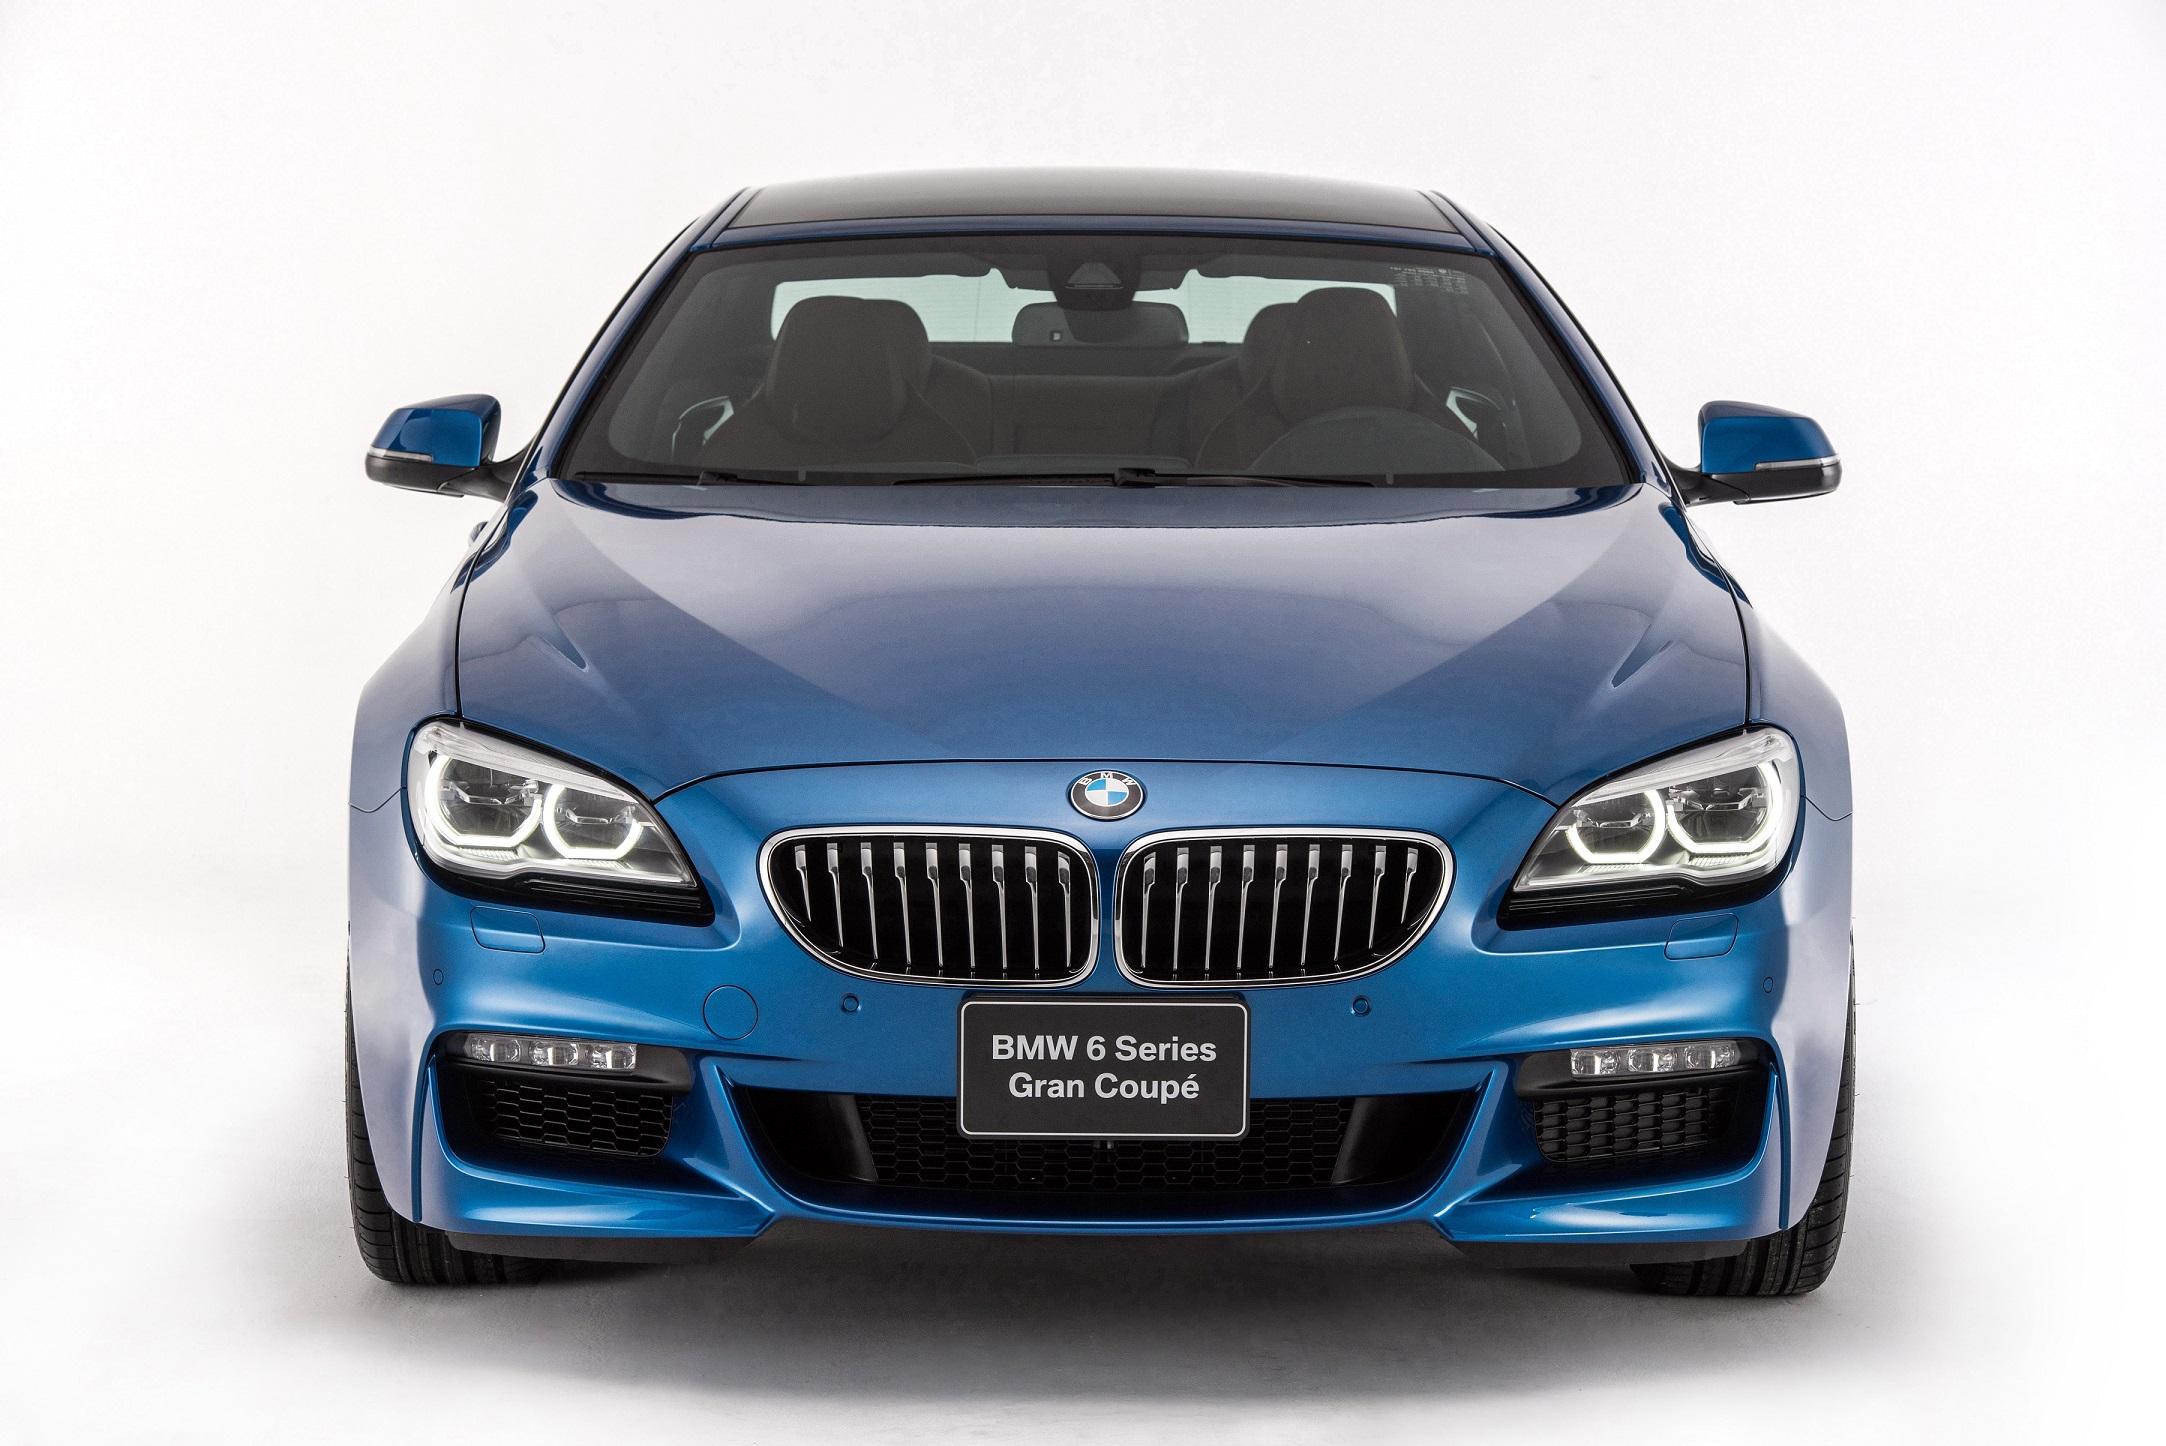 【新事】BMW 640i Gran Coupe M Sport上市,428萬元限額50輛